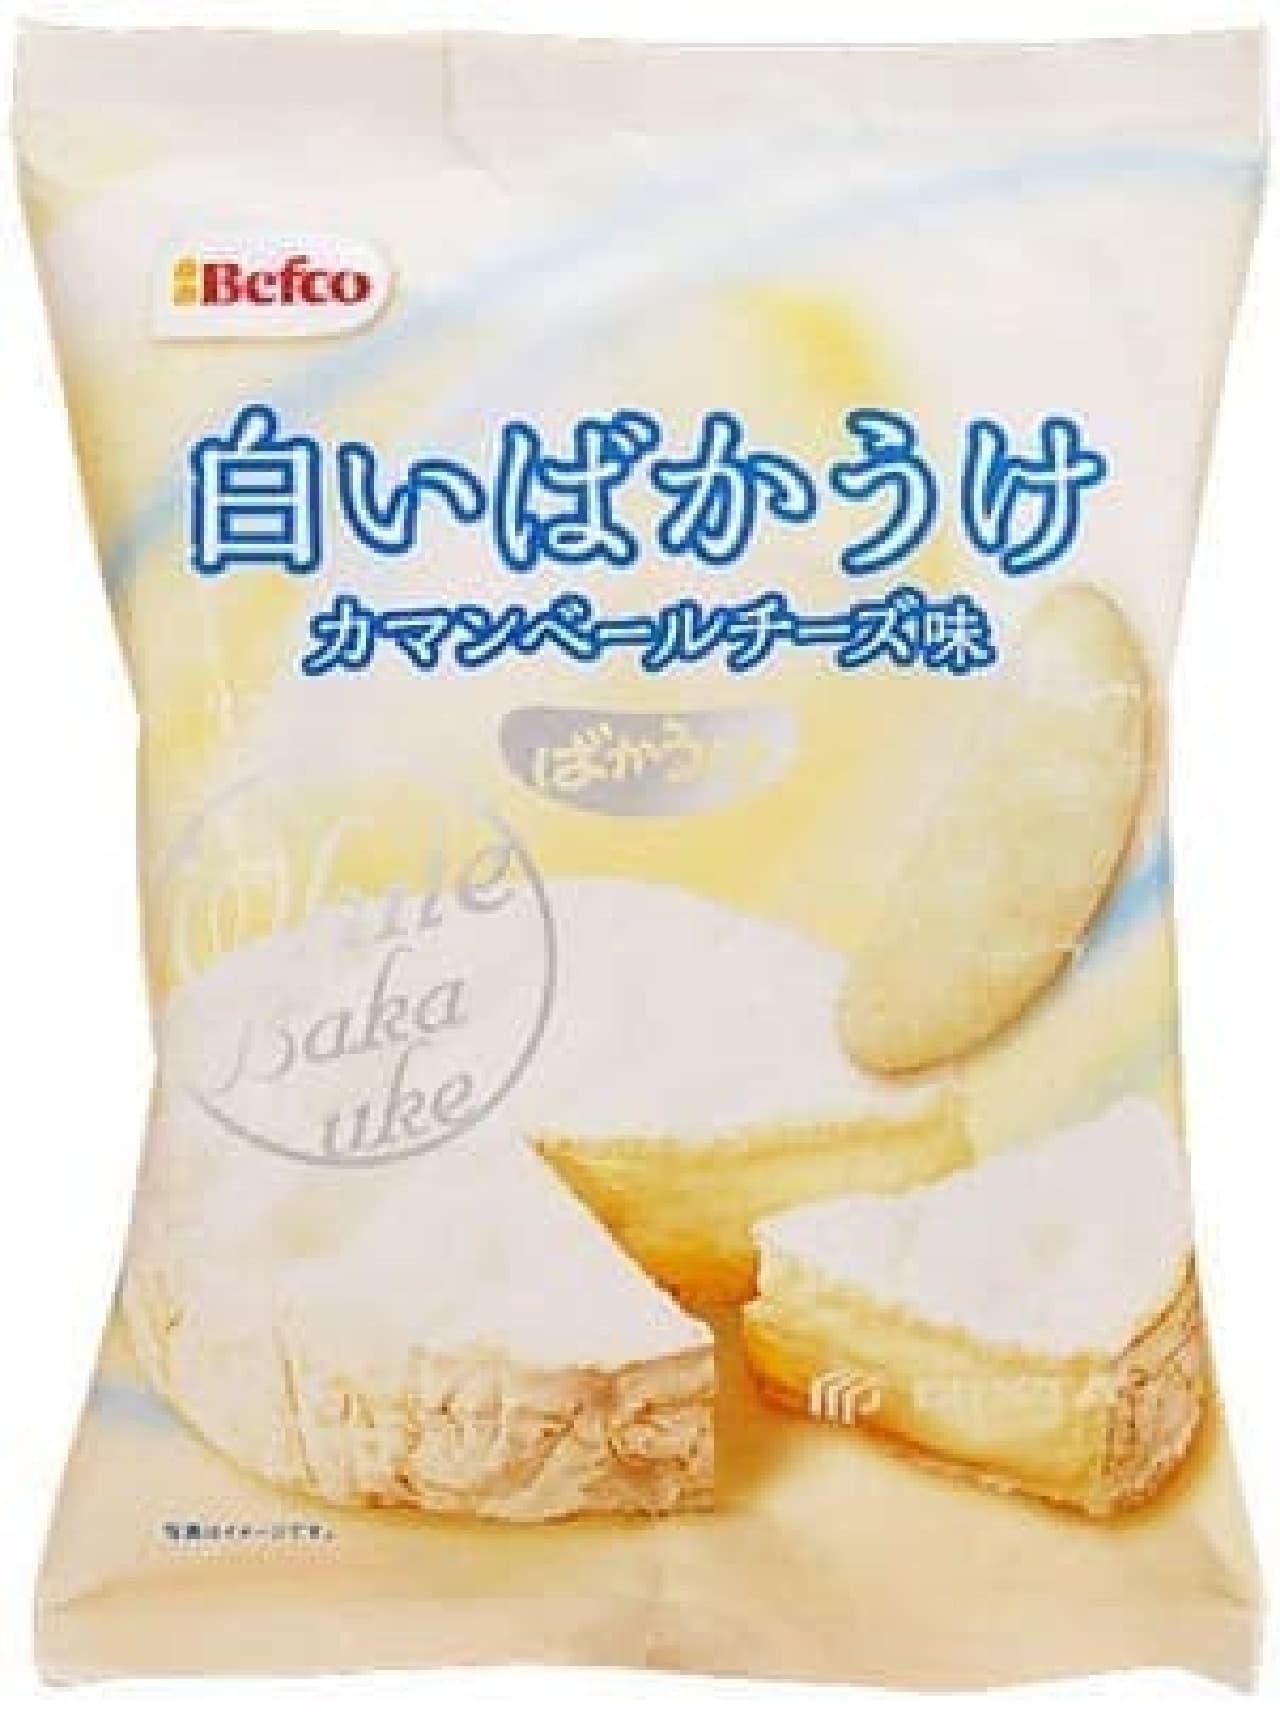 """ファミリーマート、サークルK、サンクス限定の""""白いお菓子"""""""